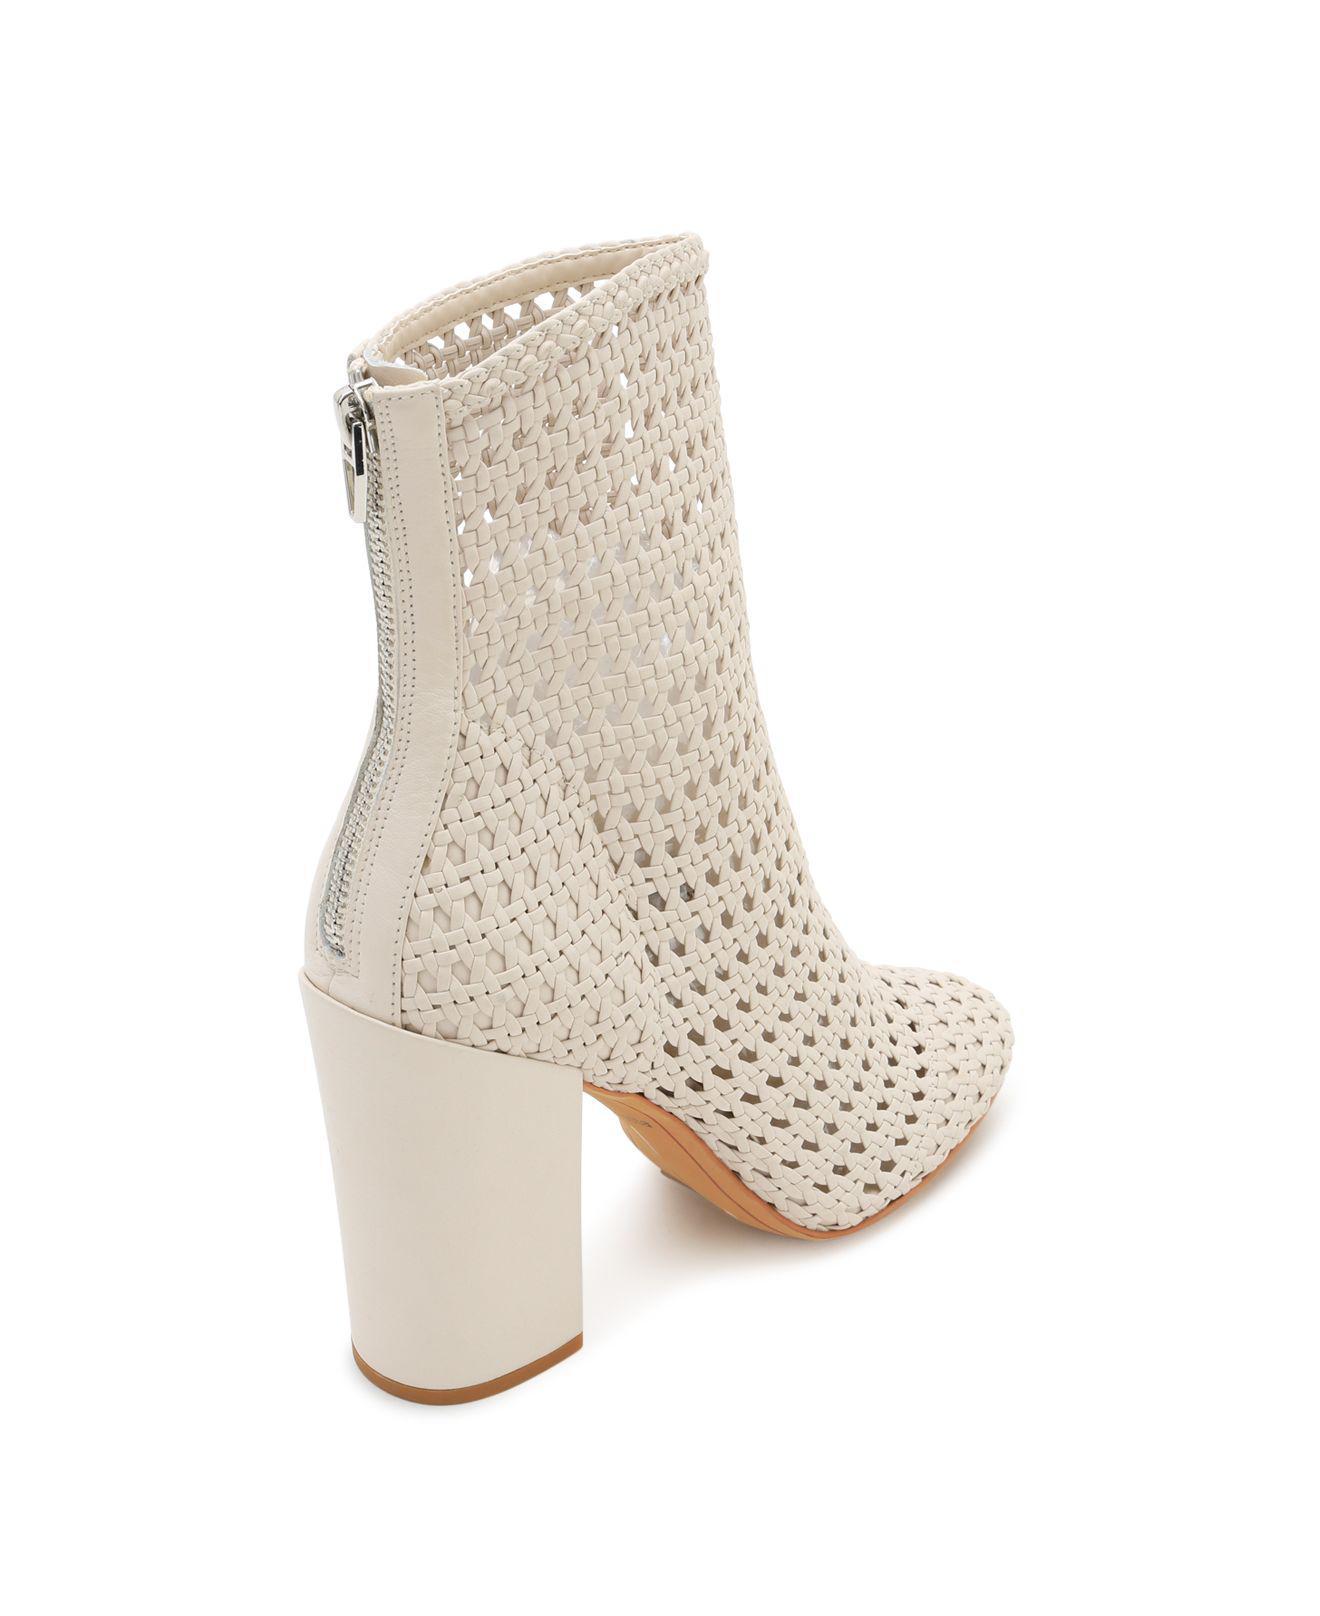 Dolce Vita Women's Woven Leather Block Heel Booties JGd4c